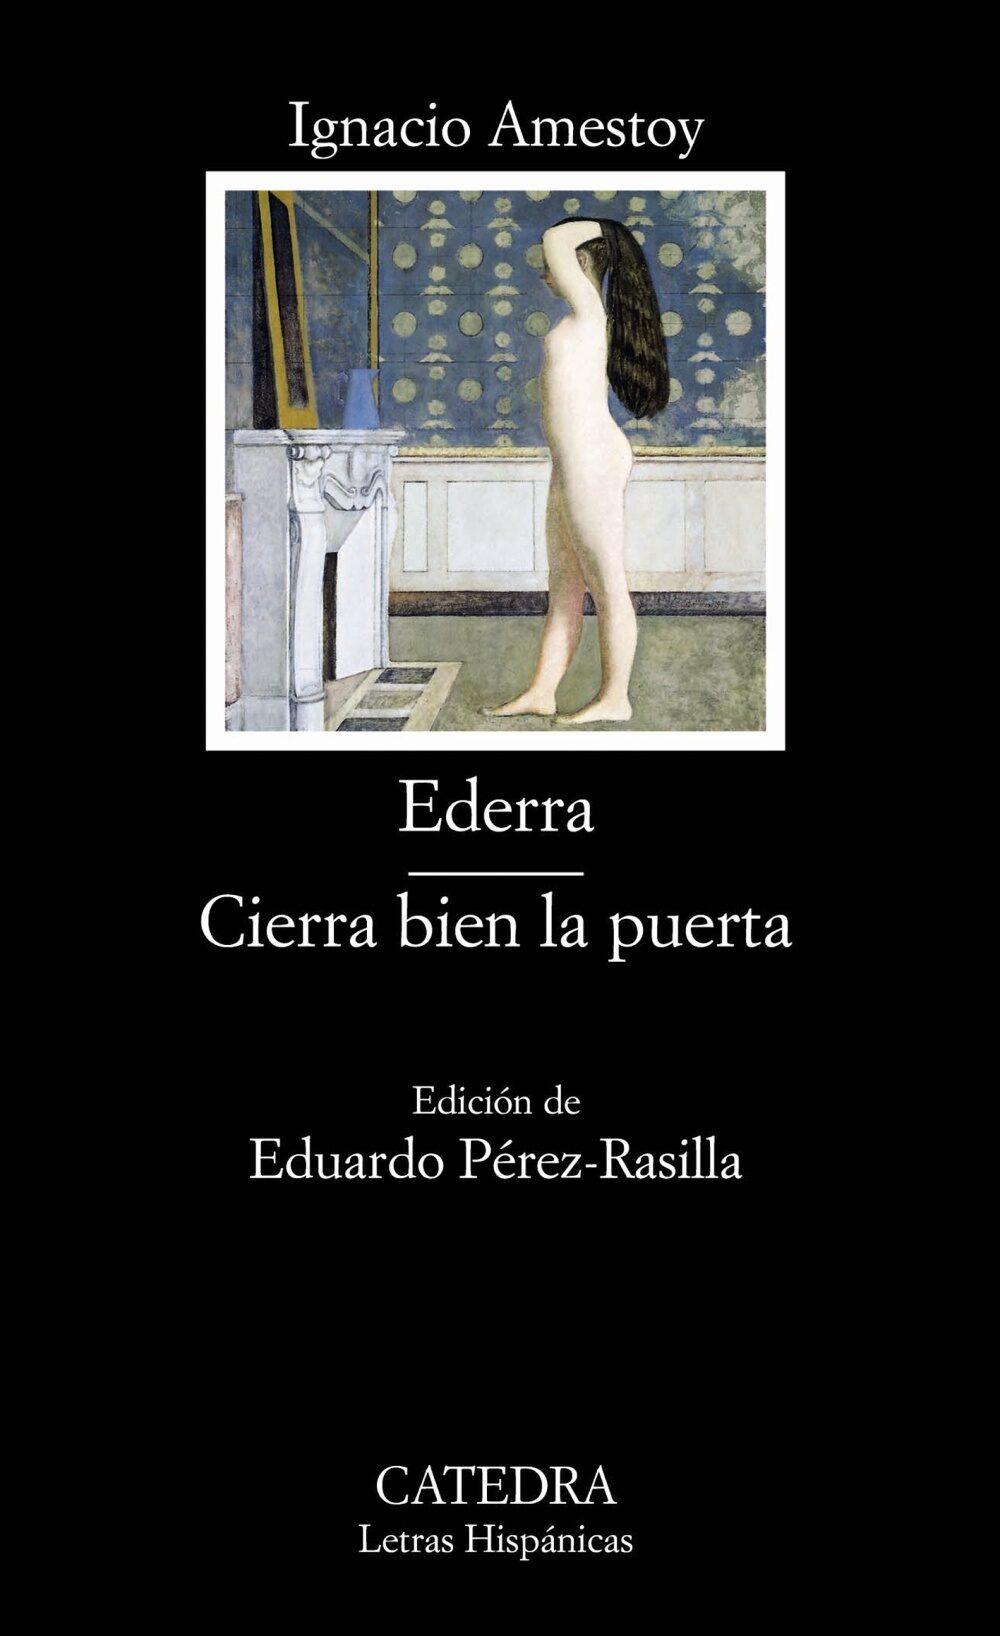 Ederra ; Cierra Bien La Puerta por Ignacio Amestoy epub